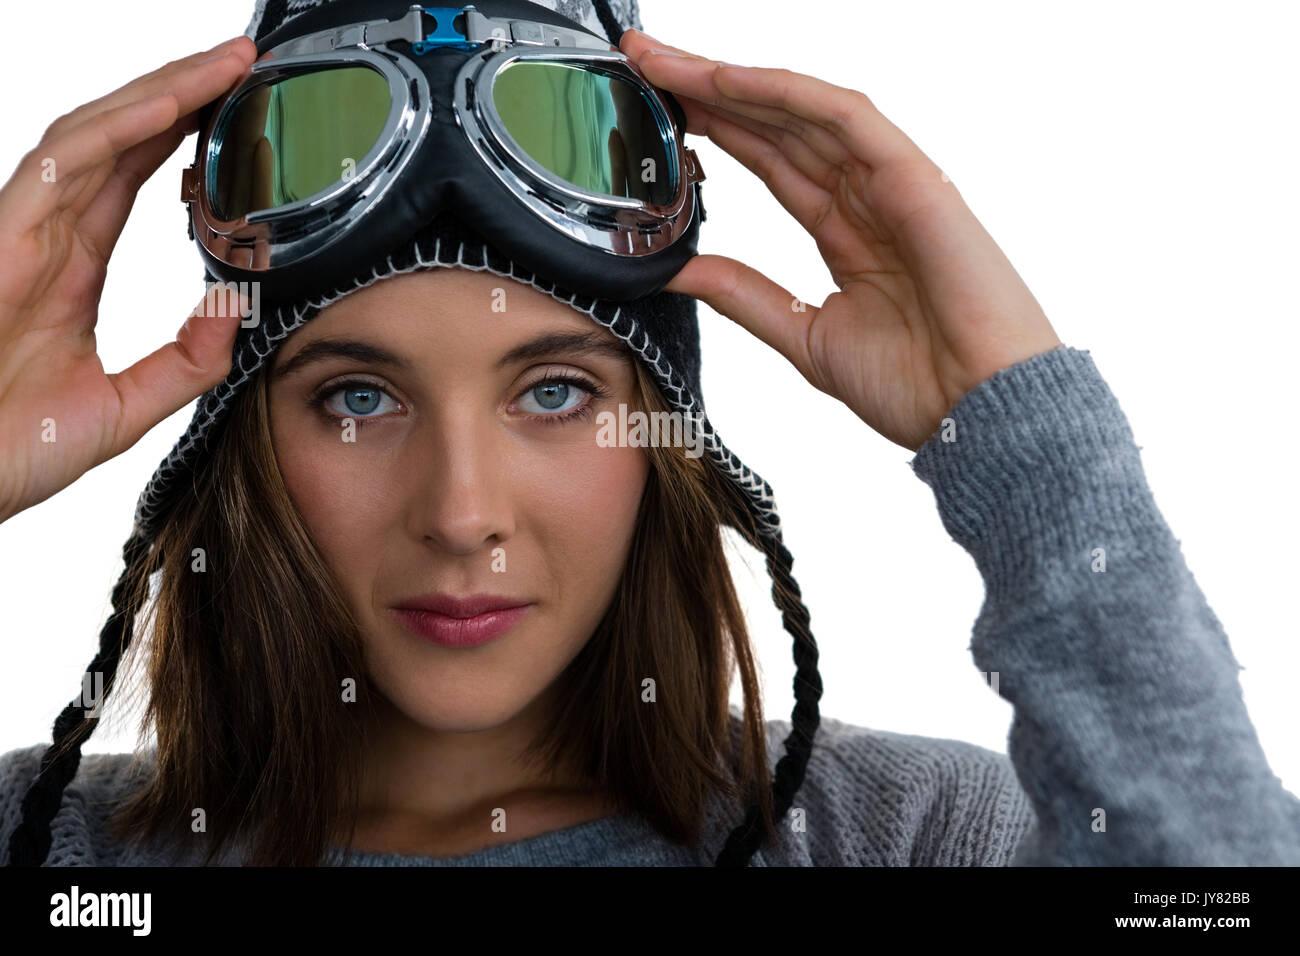 Close up ritratto di donna che indossa gli occhiali da sci contro uno sfondo bianco Immagini Stock